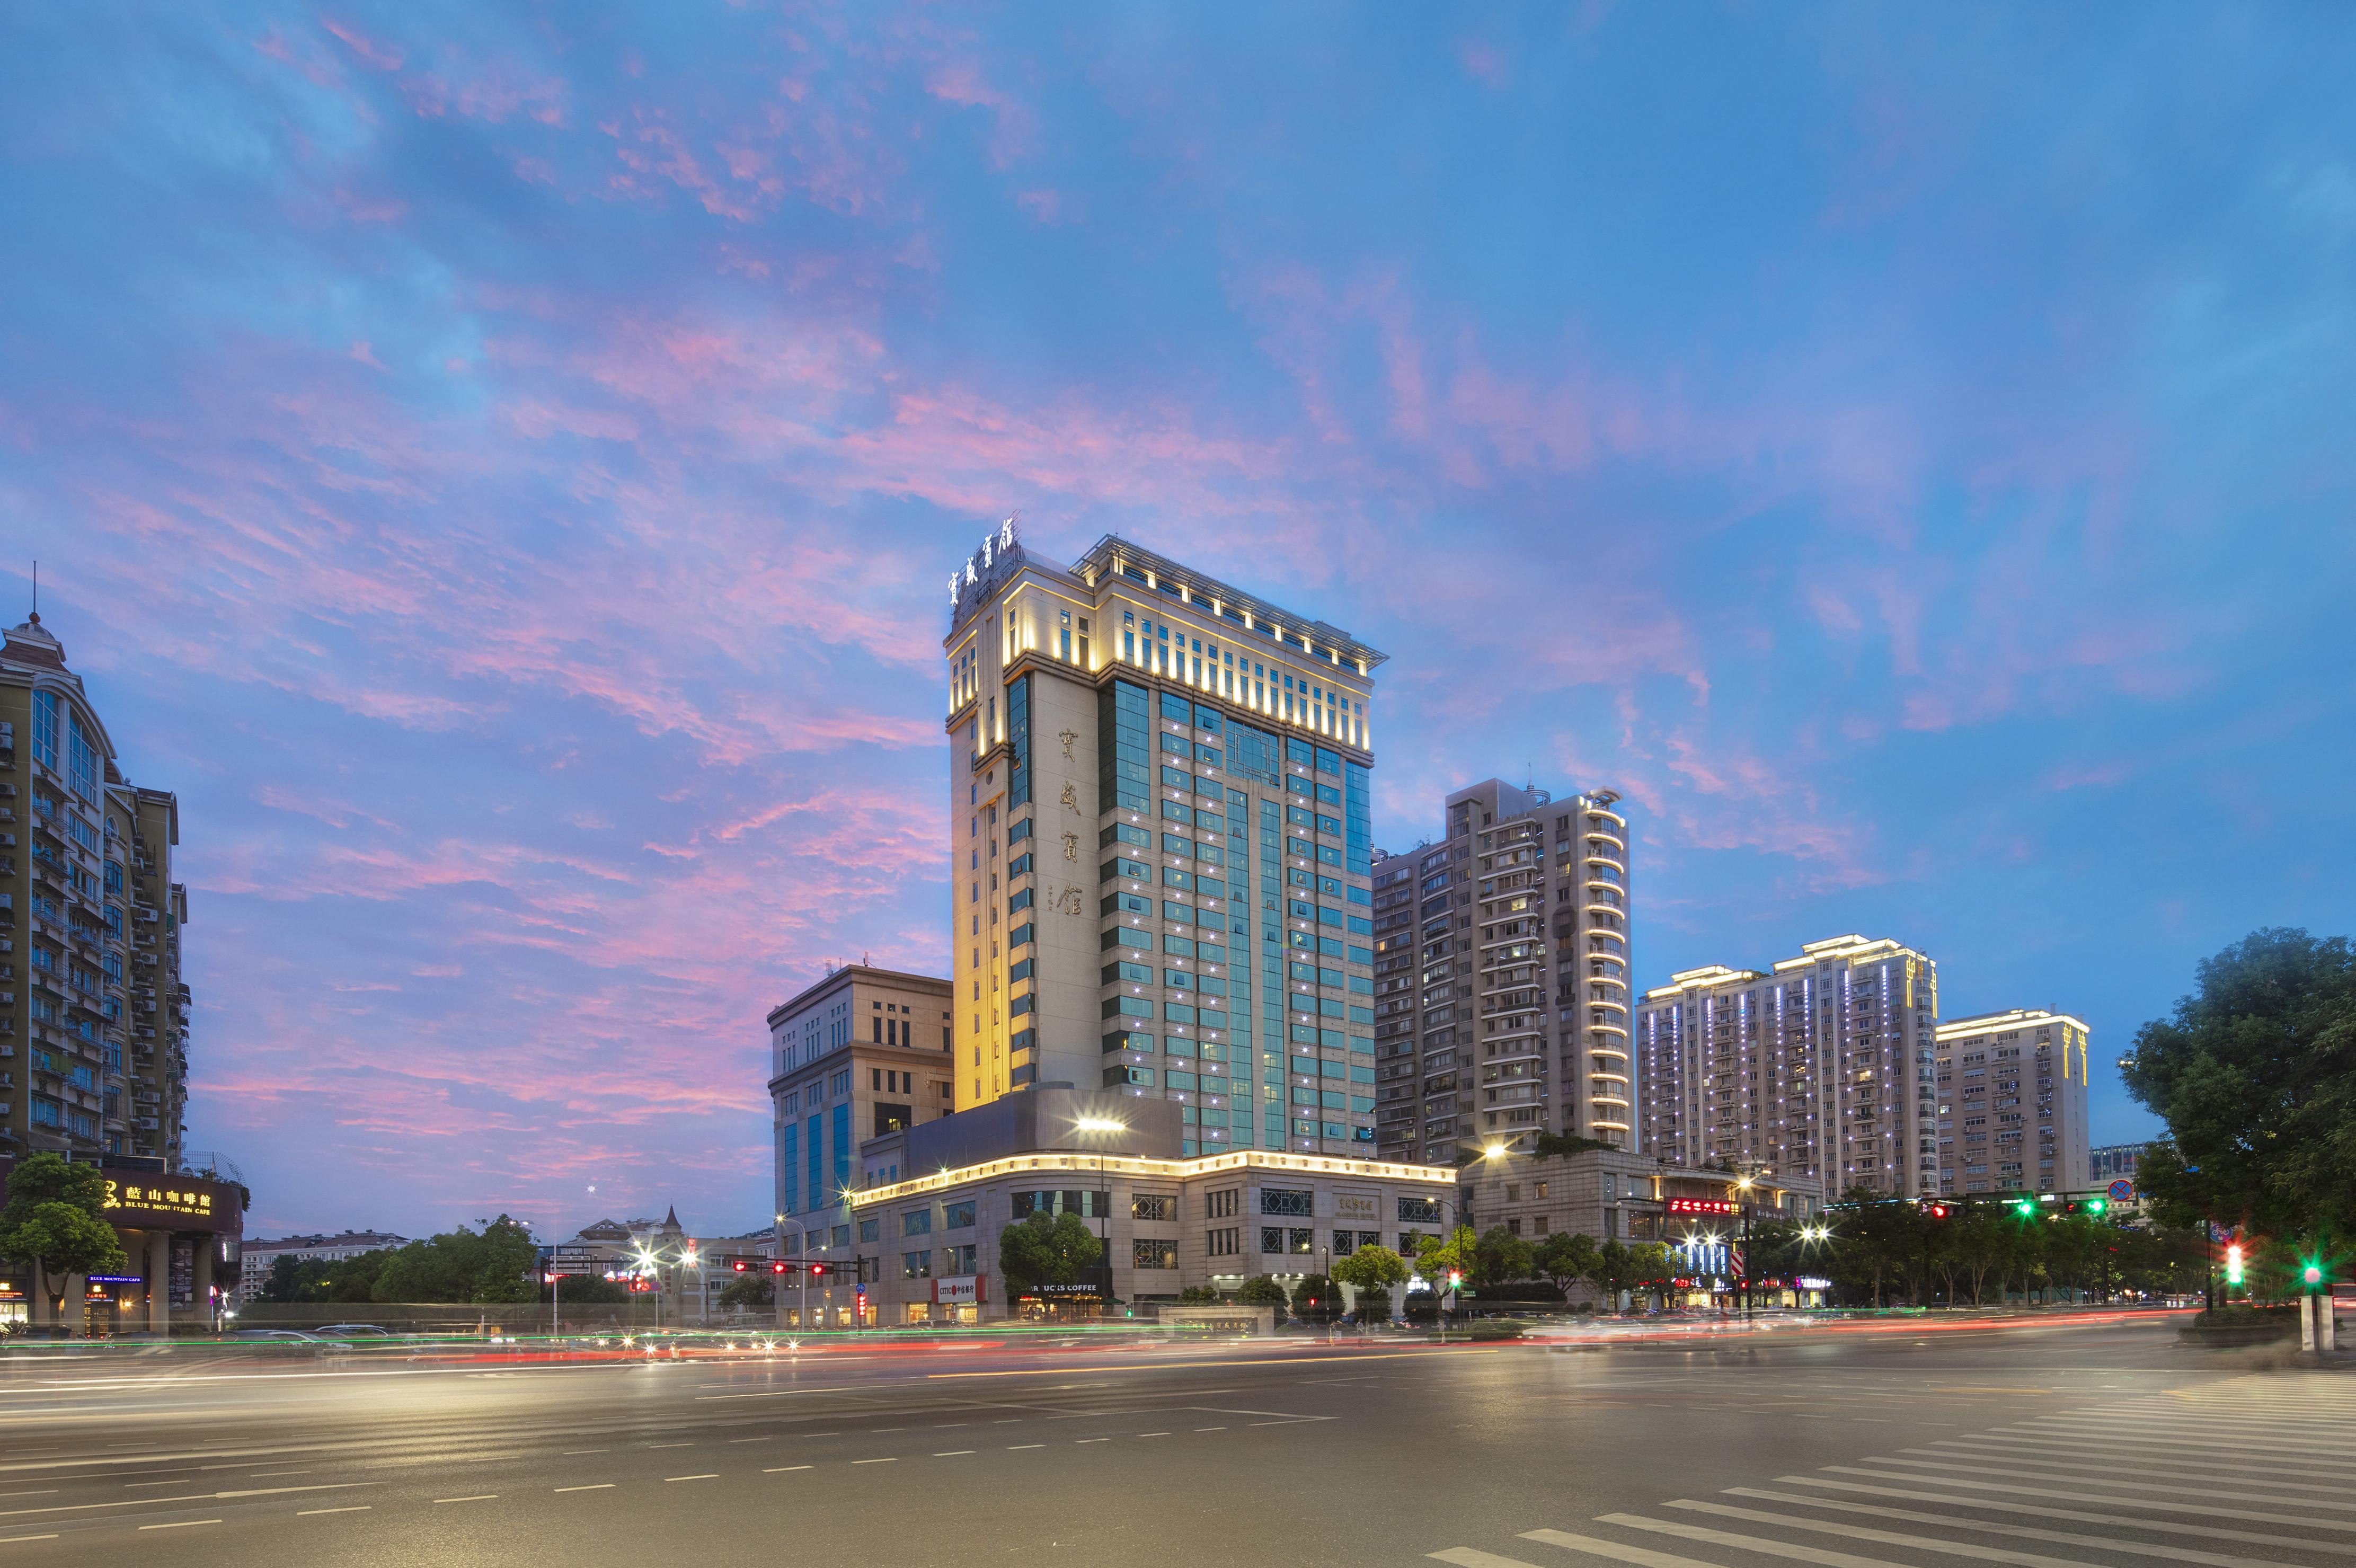 杭州萧山宝盛宾馆